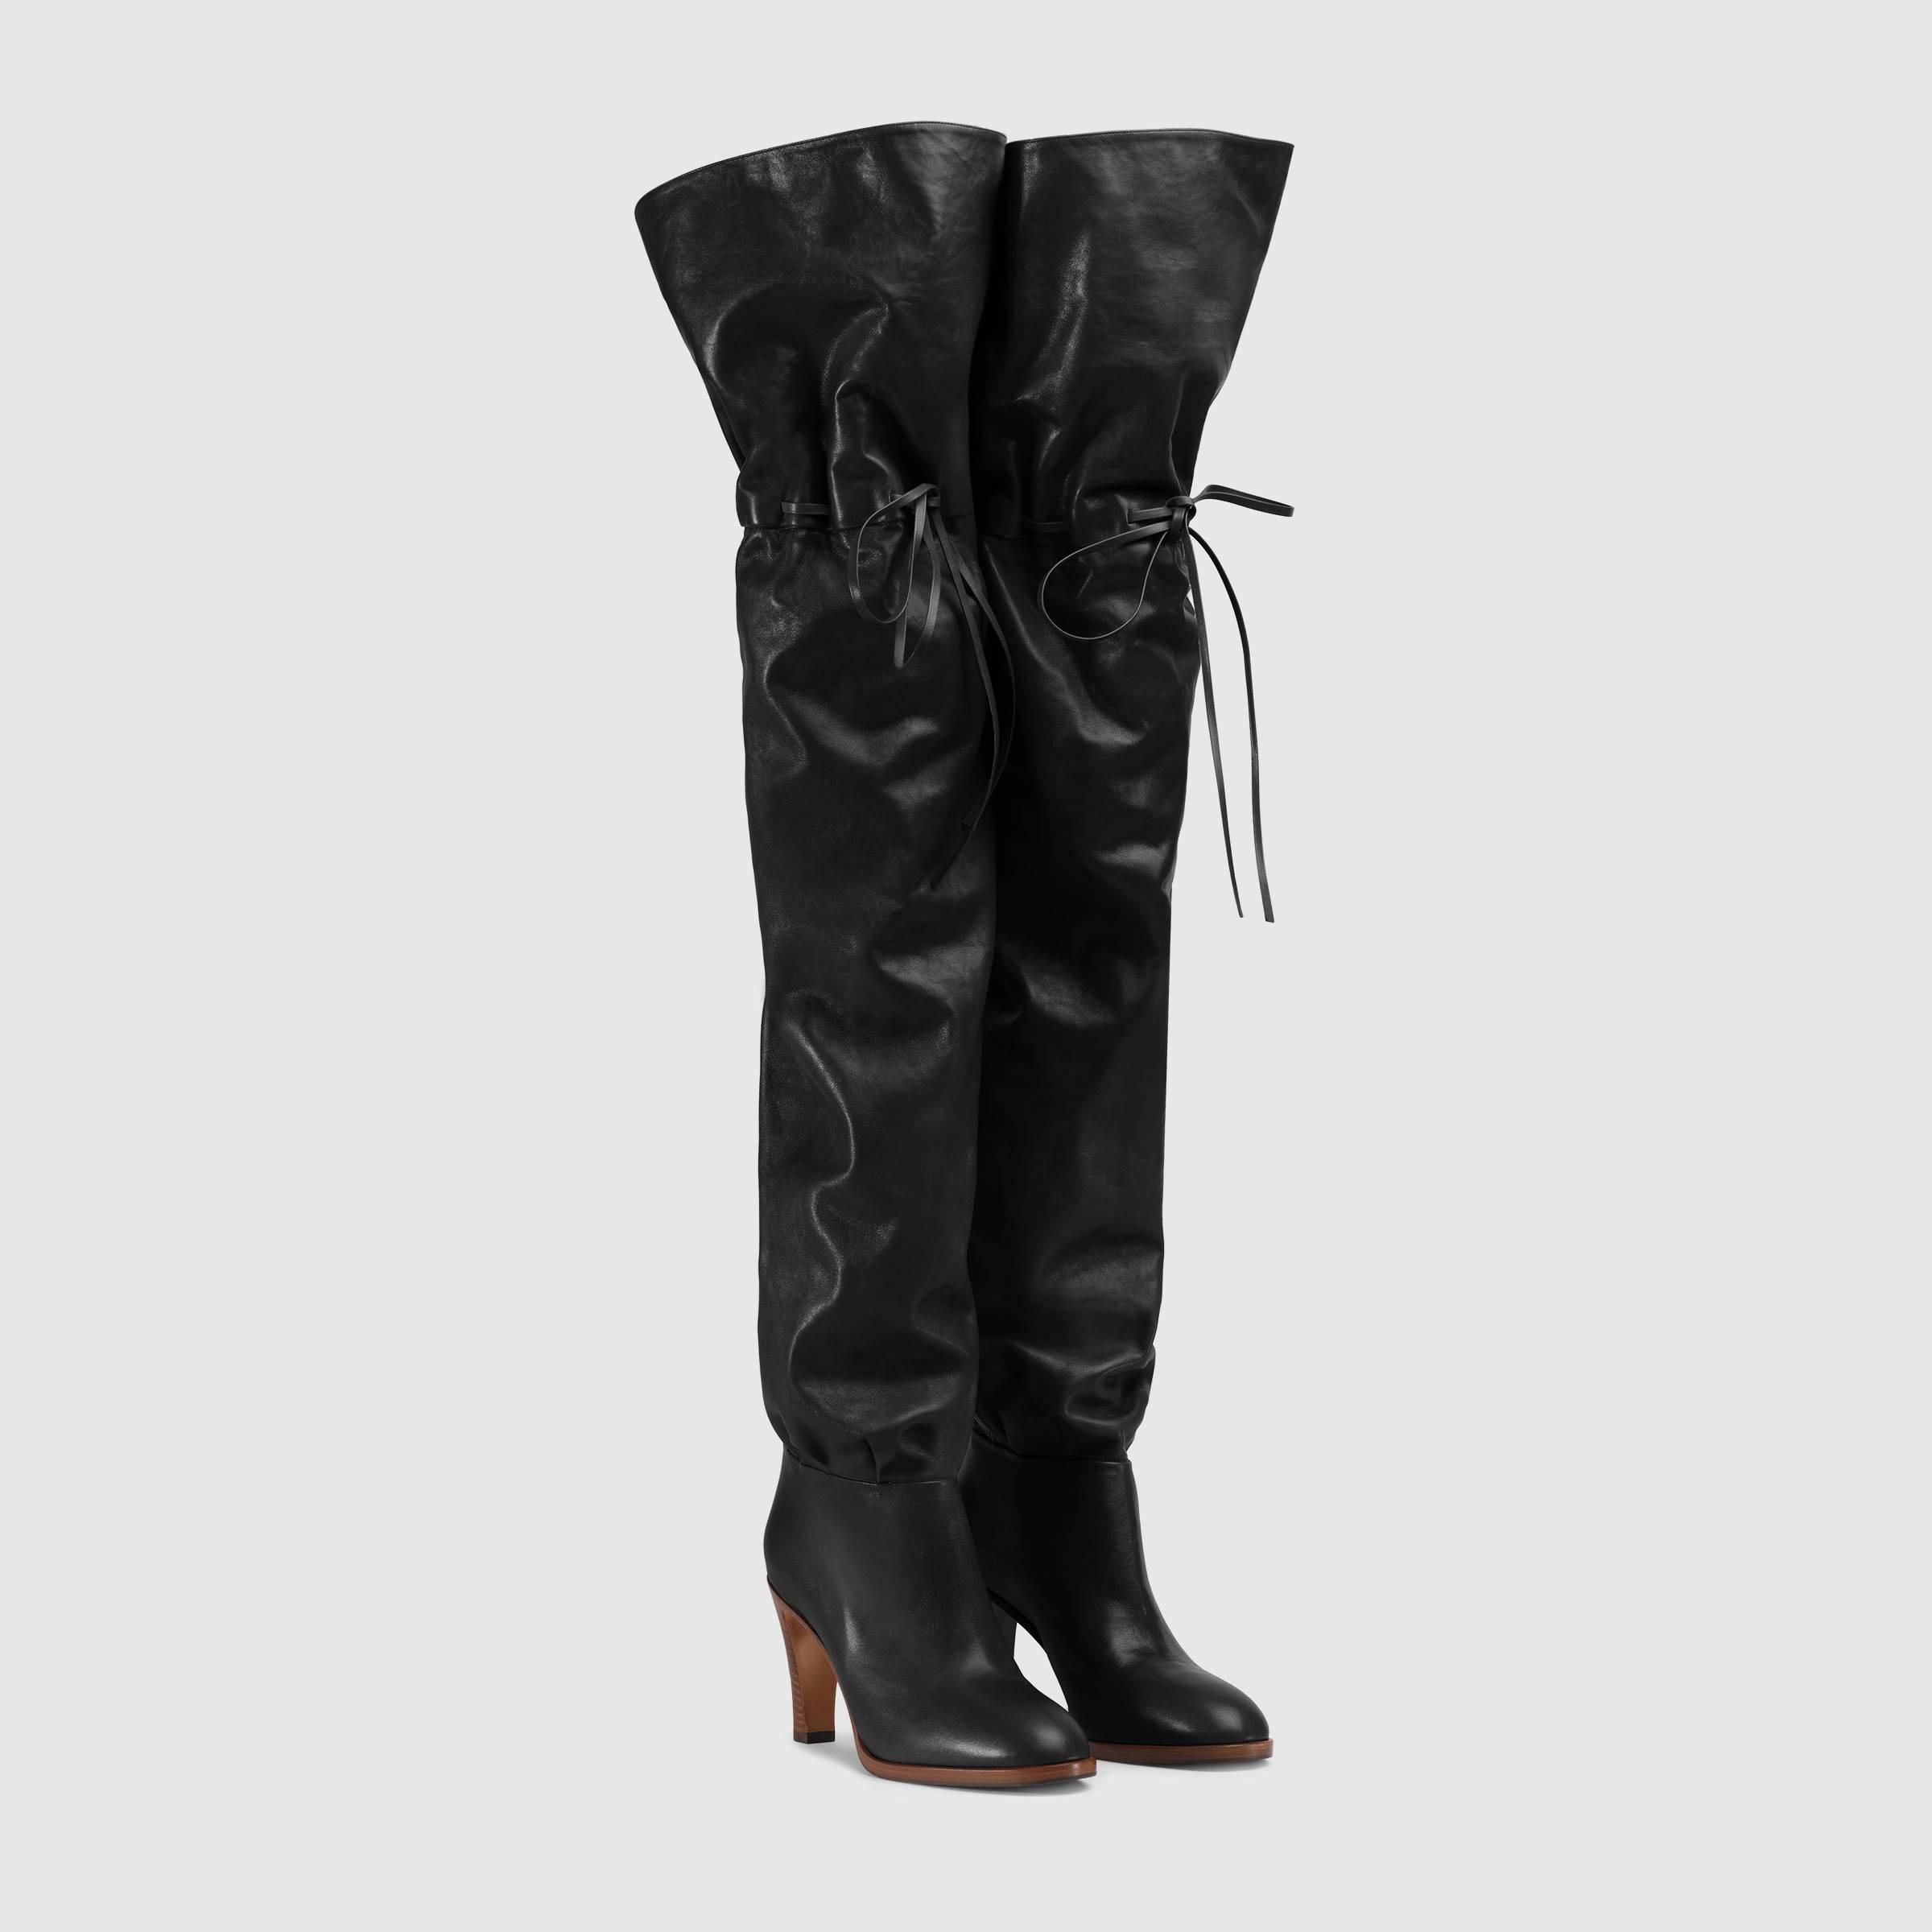 Stivali cuissard sopra il ginocchio Gucci